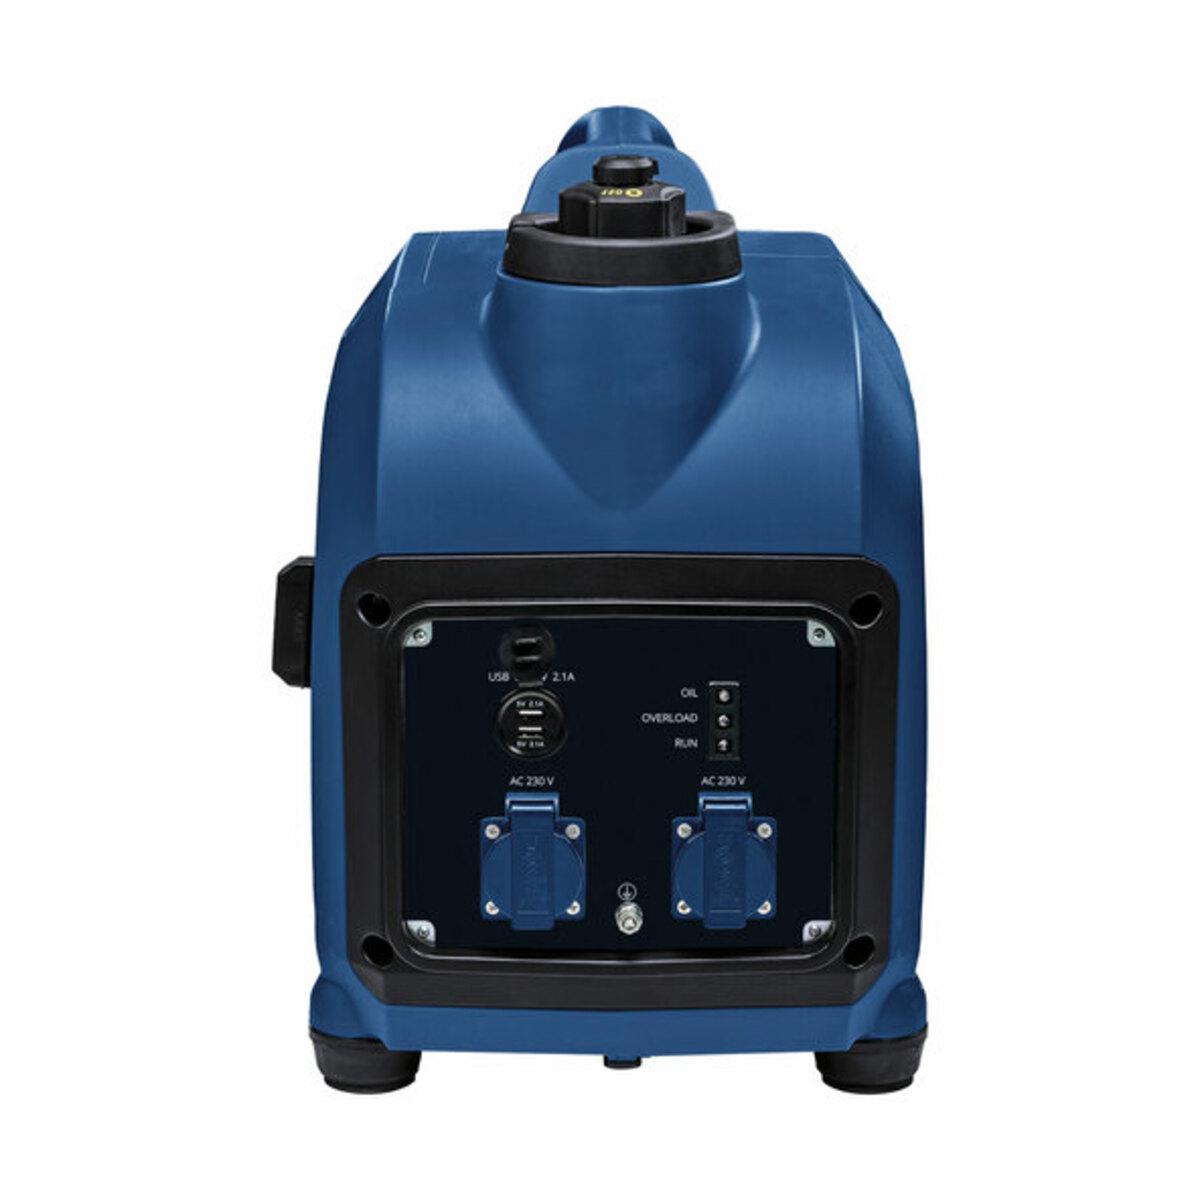 Bild 2 von Inverter Stromerzeuger BT-SE 2000 l